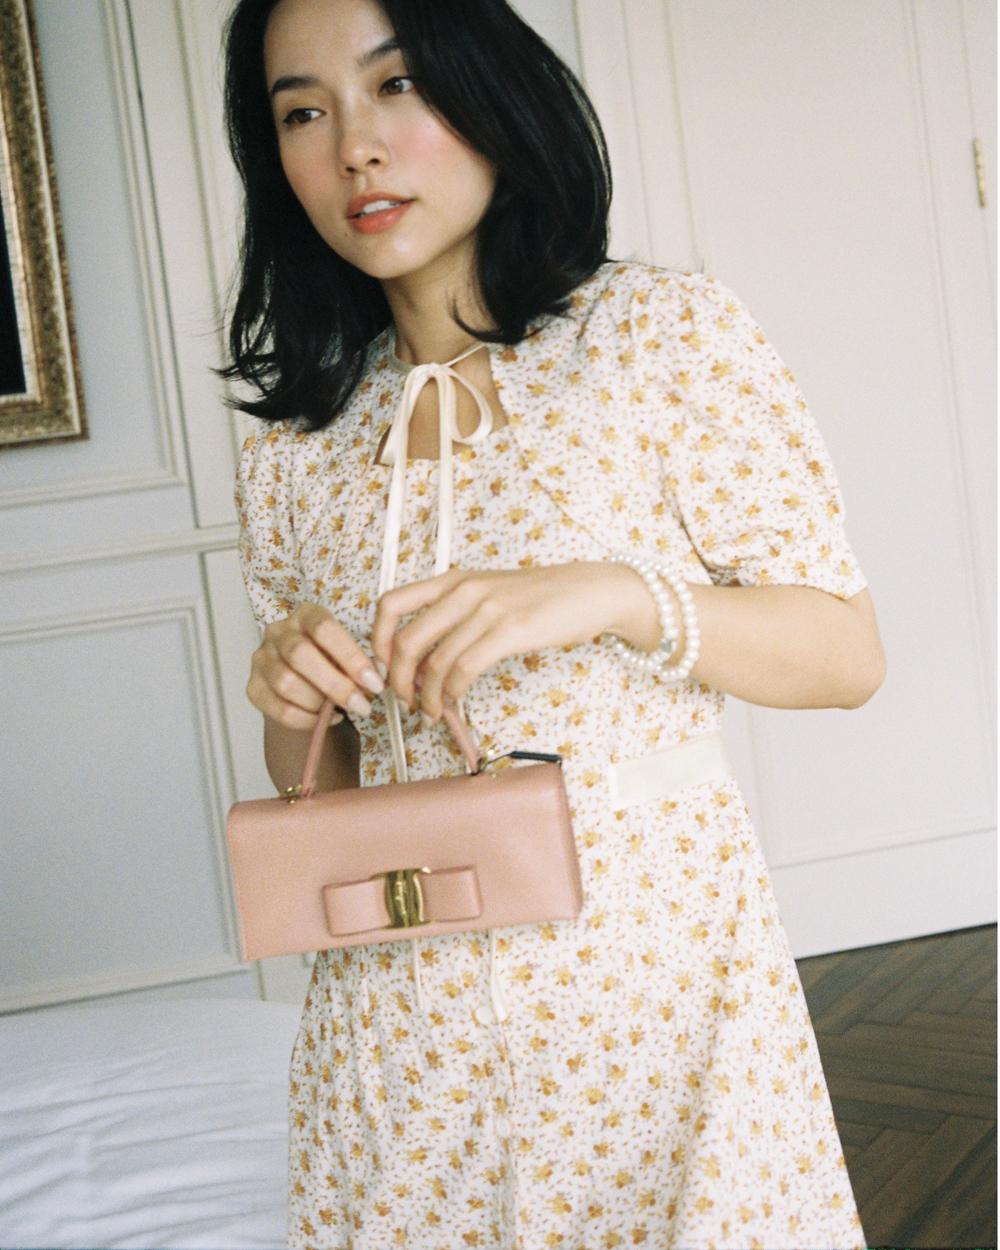 Thứ ba sẽ ngọt ngào và nữ tính hơn với váy họa tiết vintage và túi xách tay Viva màu hồng phấn. Tuy nhiên, Hà Trúc không chọn dáng túi thông thường mà tạo điểm nhấn với hình chữ nhật mini-size.